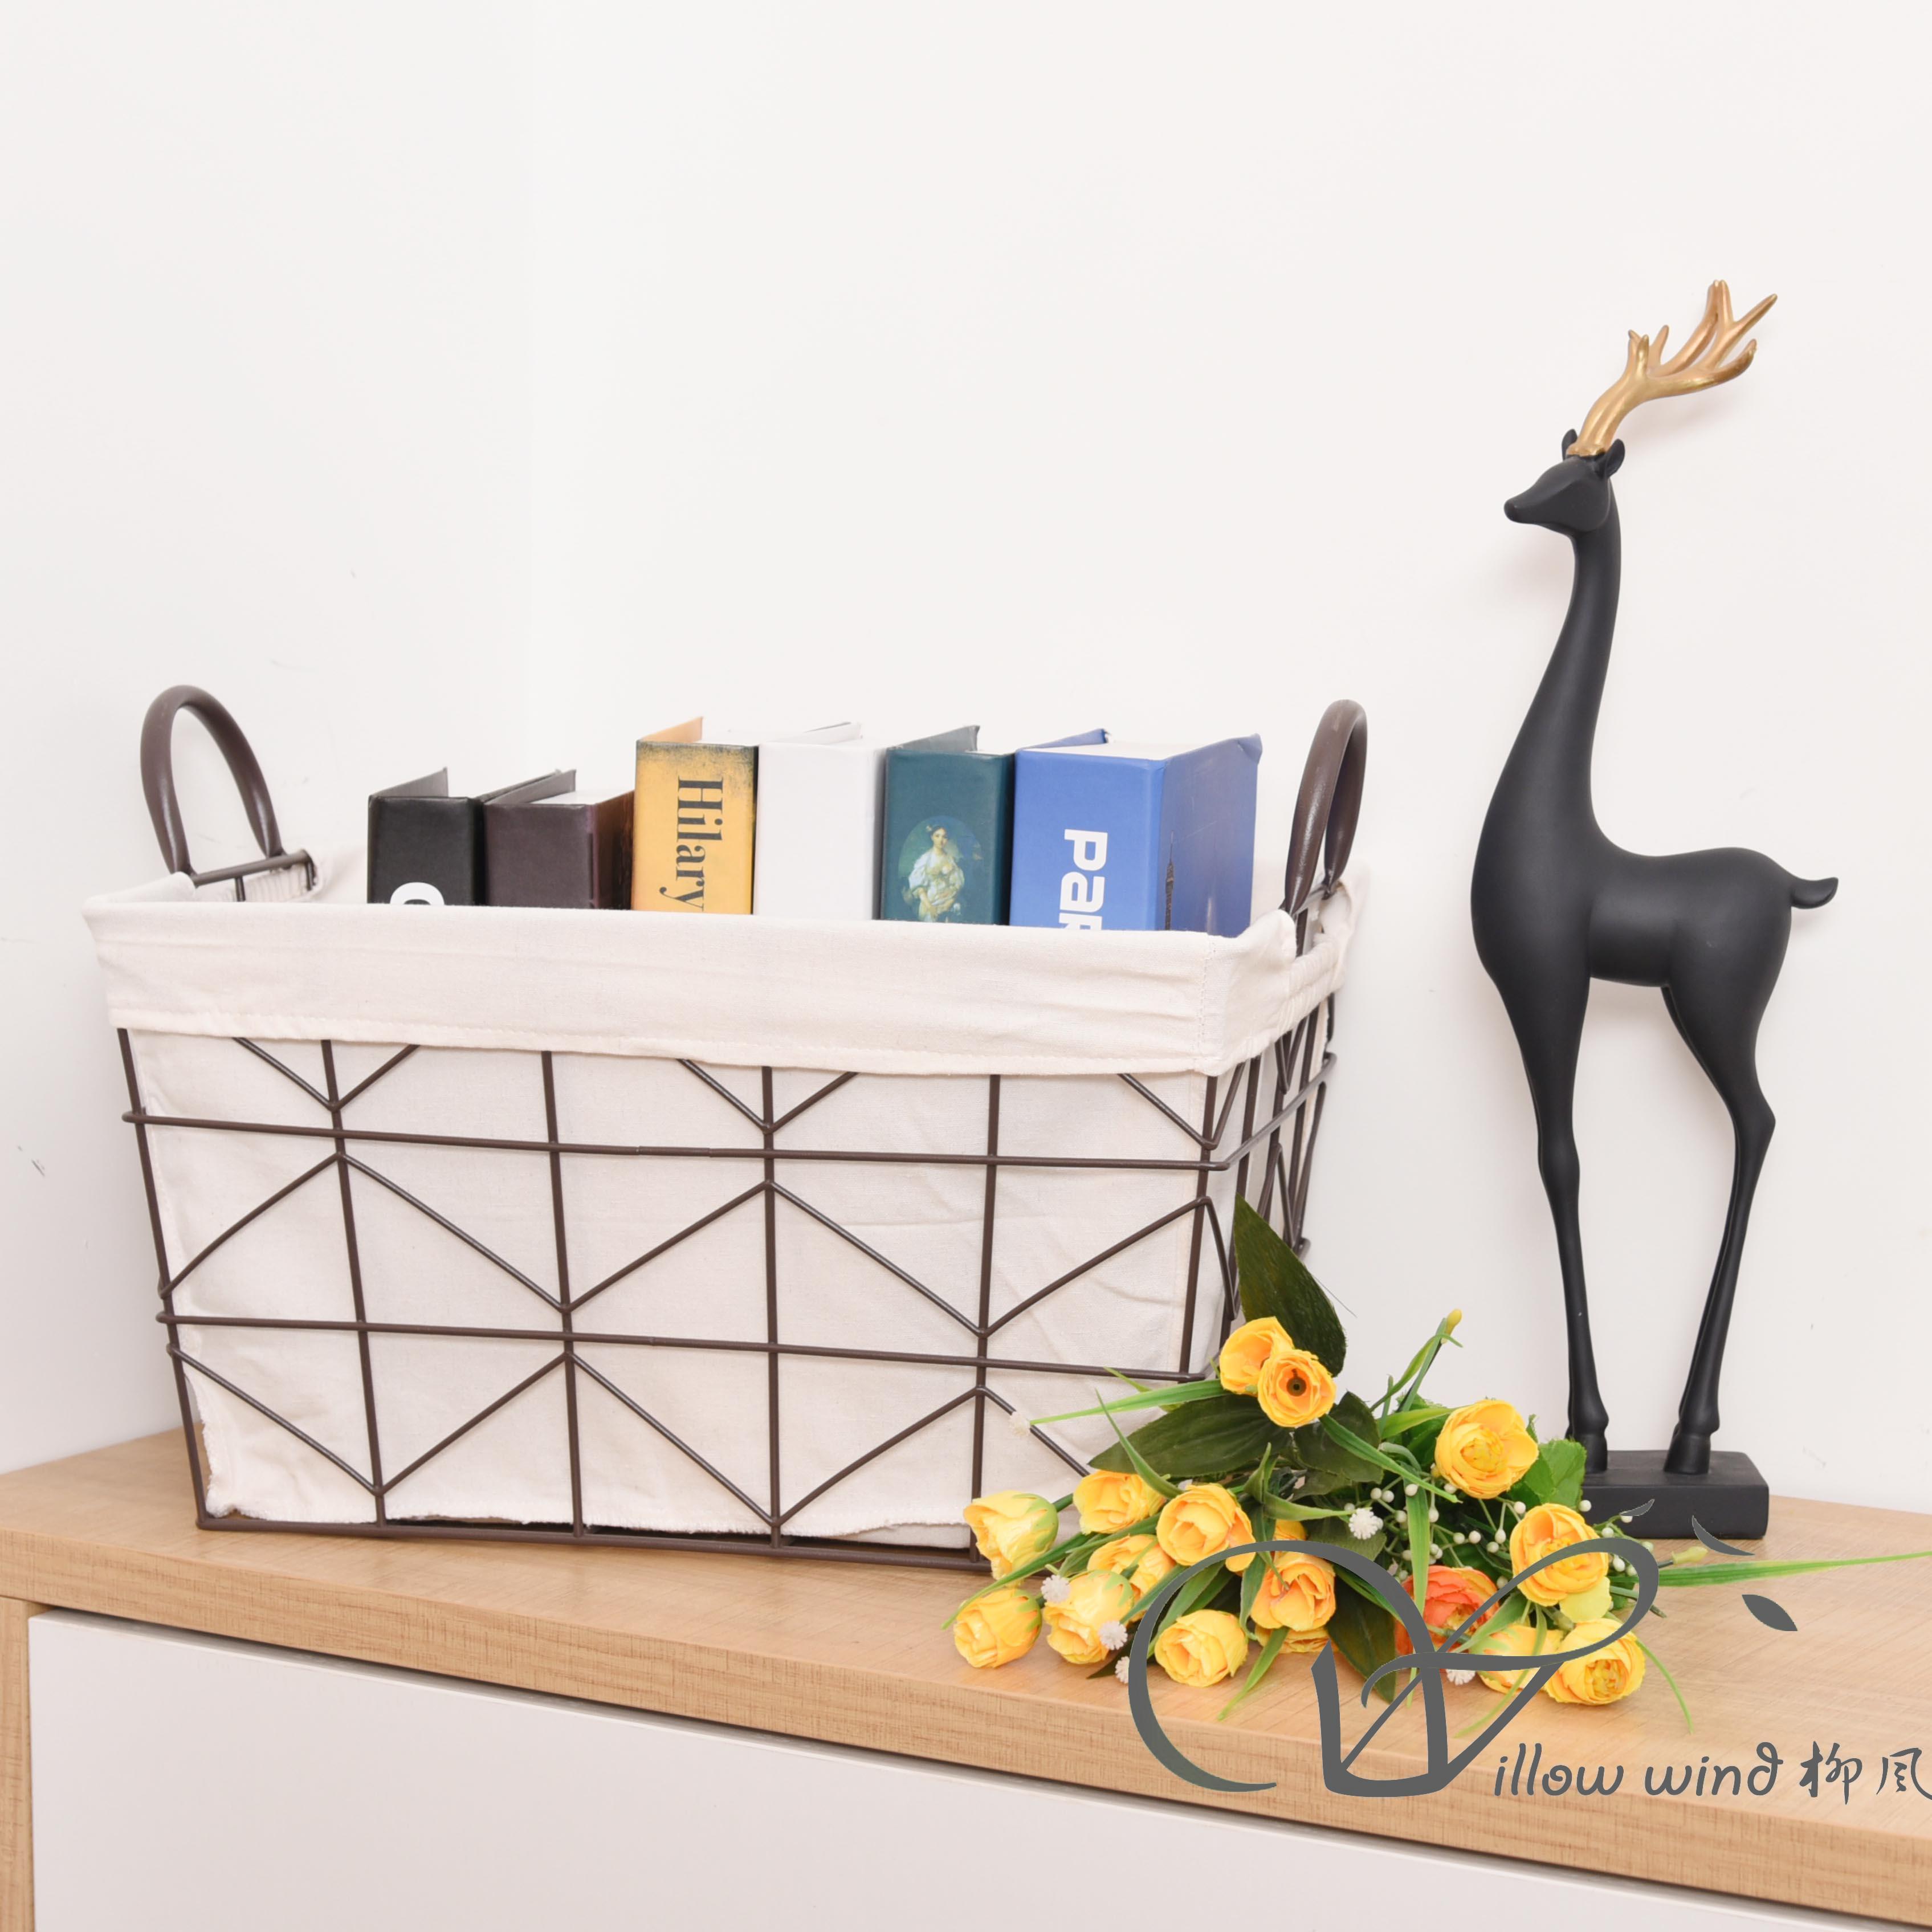 Black Rectangle Wire storage basket Fruit Basket